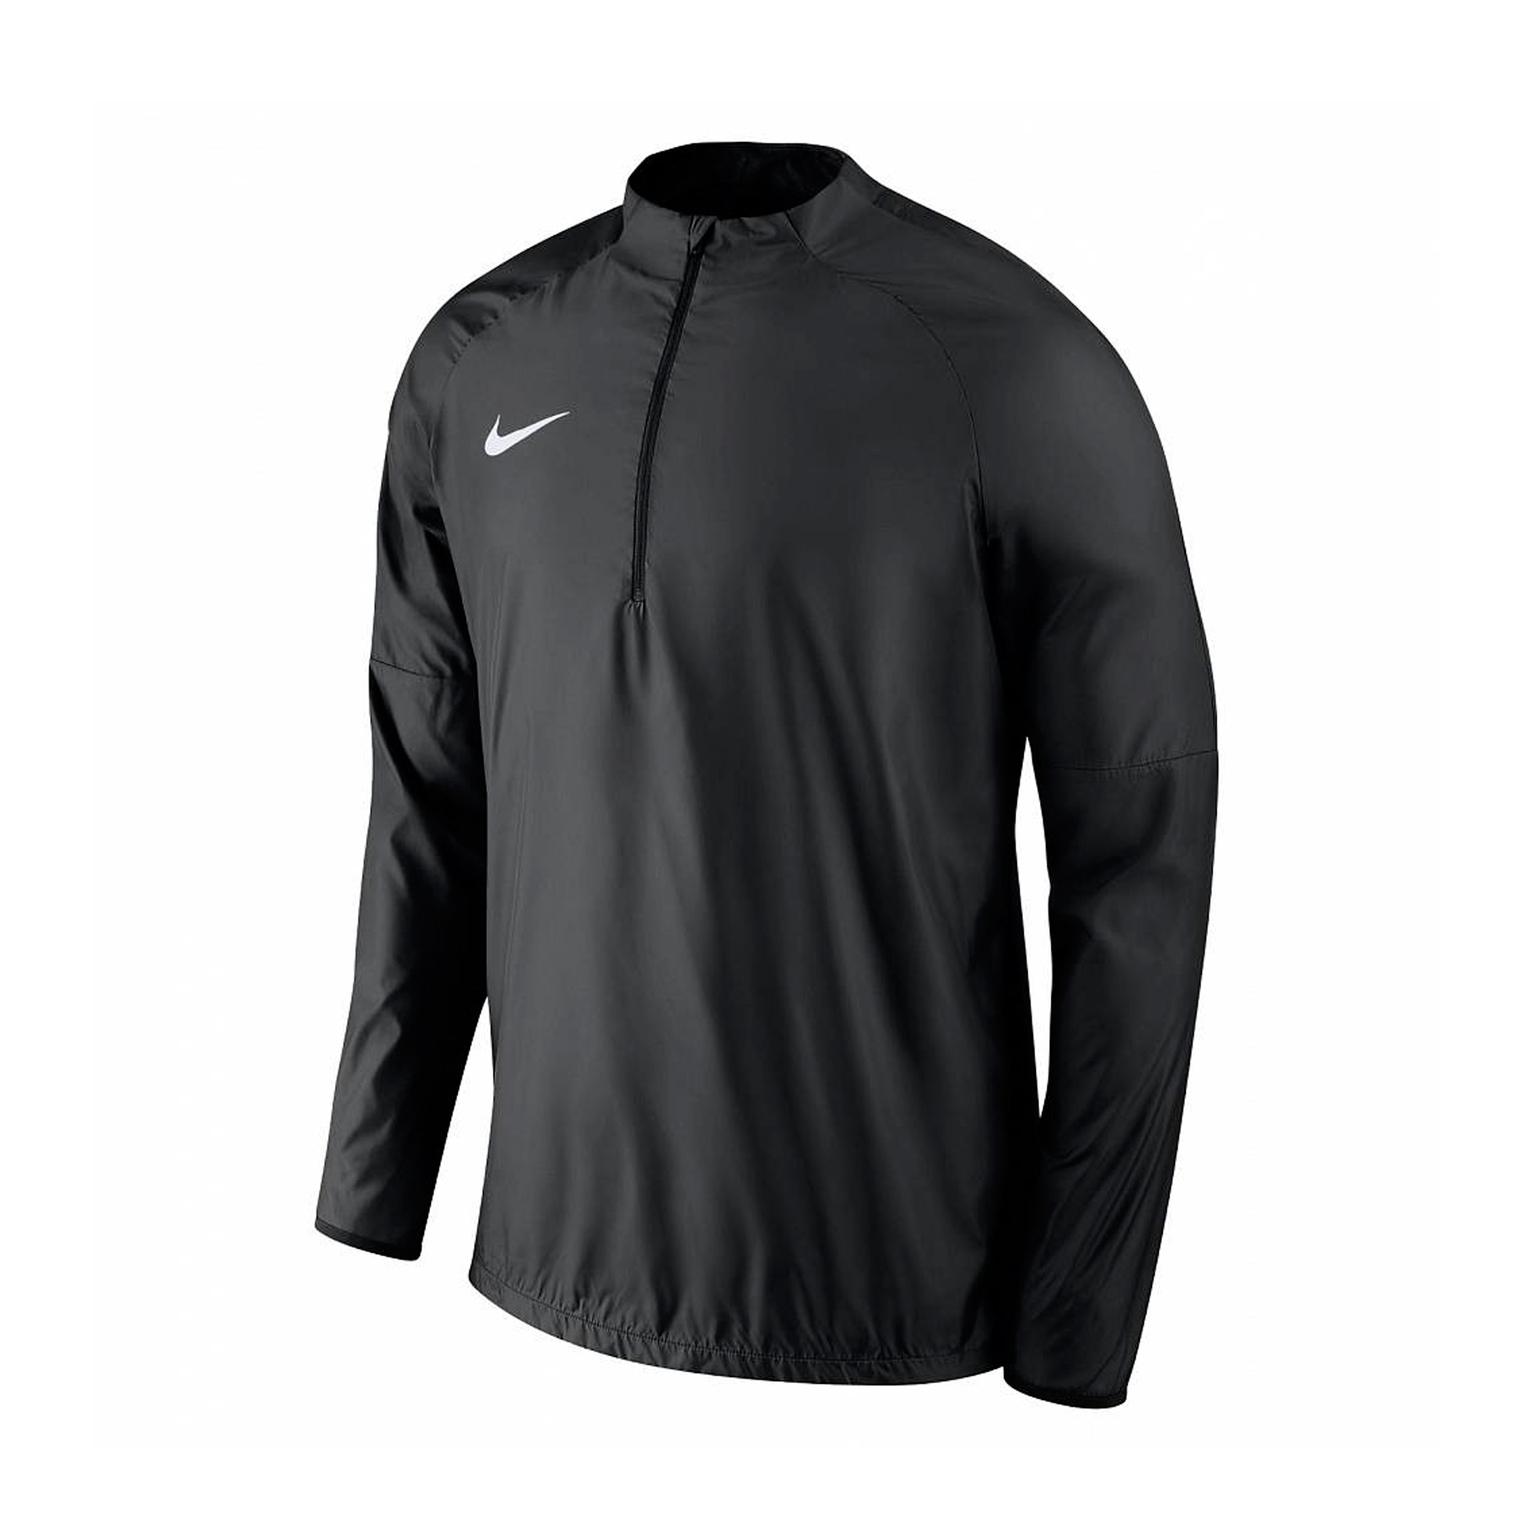 белье футболка nike therma top ls 929721 010 Свитер тренировочный подростковый Nike Academy Dril Top 893831-010